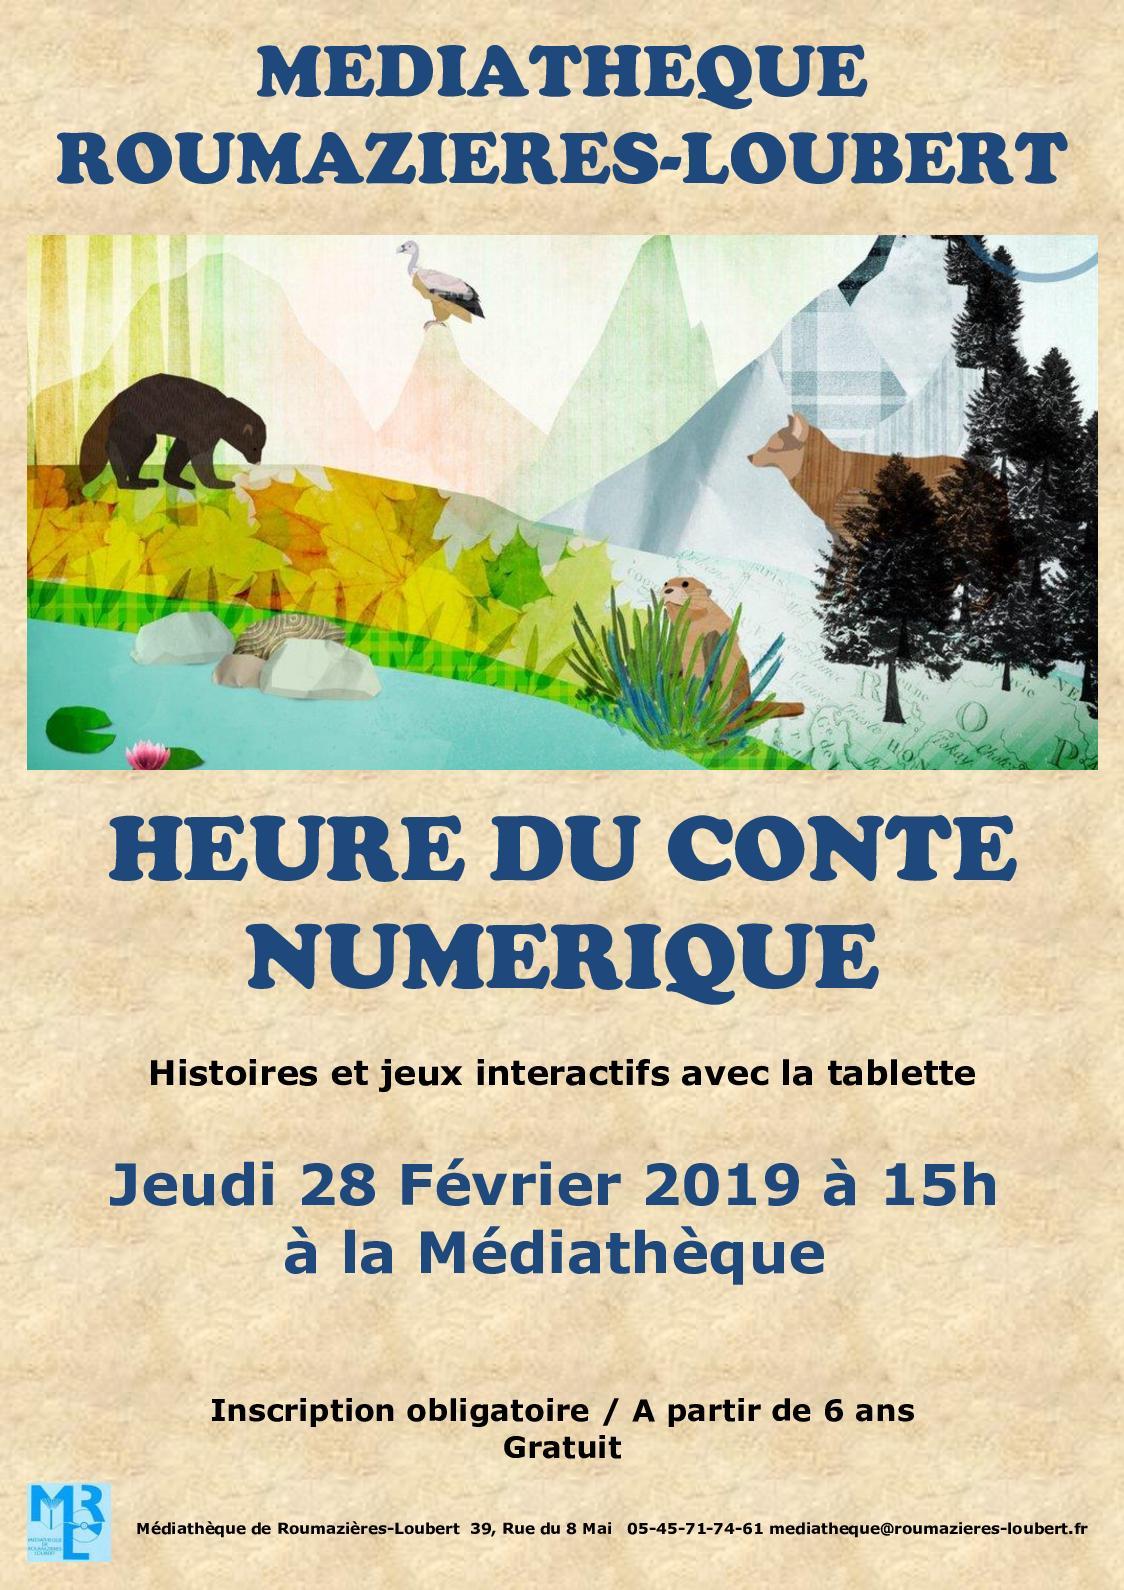 Calaméo - Heure Du Conte Numérique 28 Février 2019 avec Jeux Interactifs 6 Ans